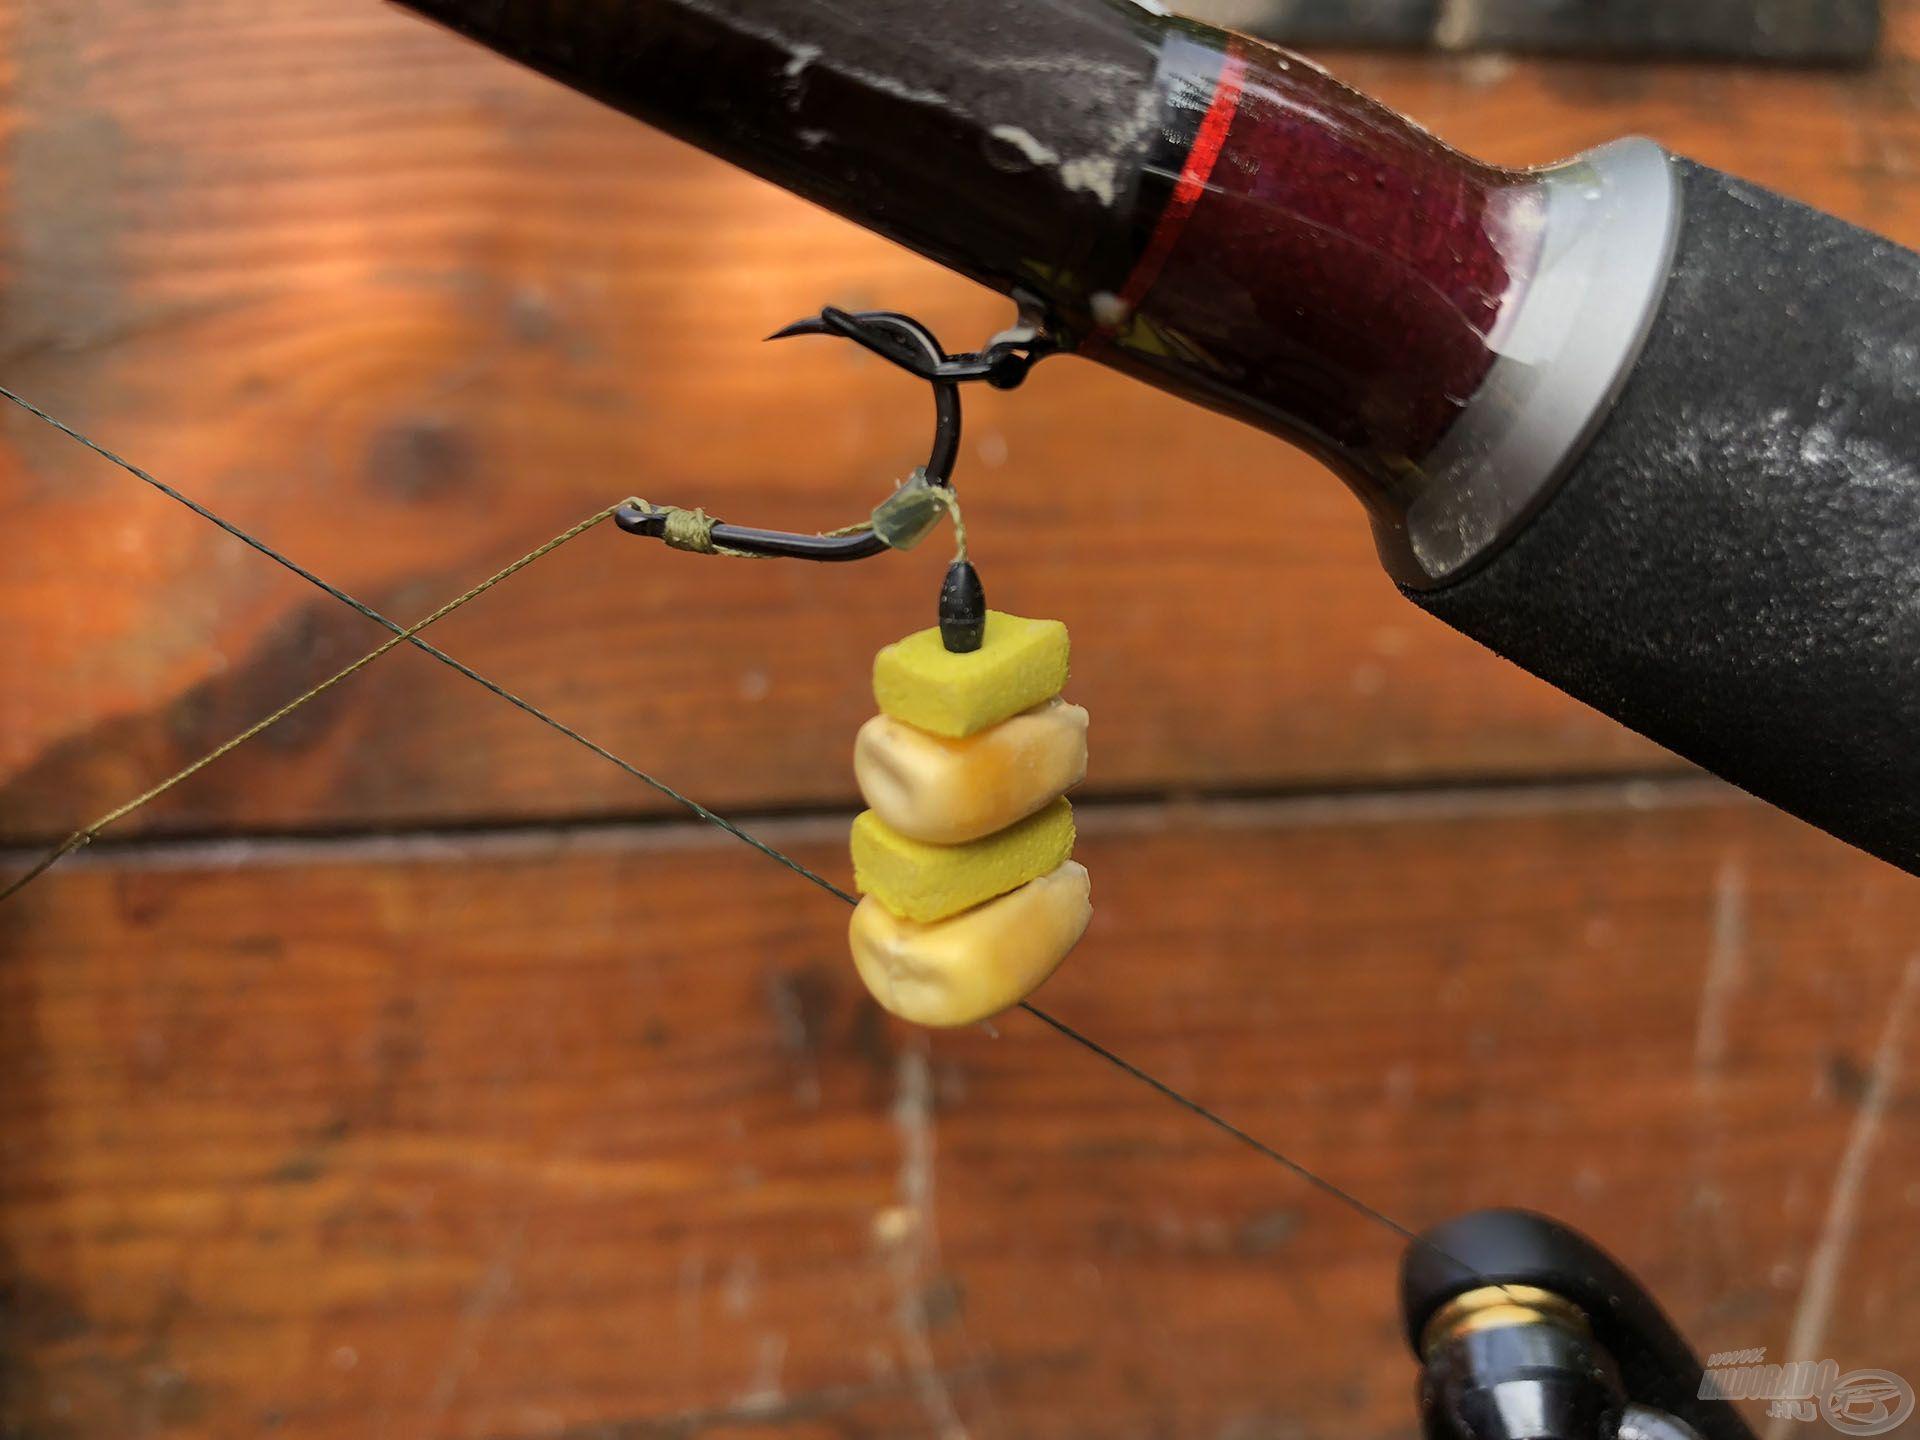 Minden apró részlet számít! Ha amurra horgászunk, nem kell hosszú hajszálelőke. Minél közelebb van a csalifüzér a horoghoz, annál jobb lesz az akadás!